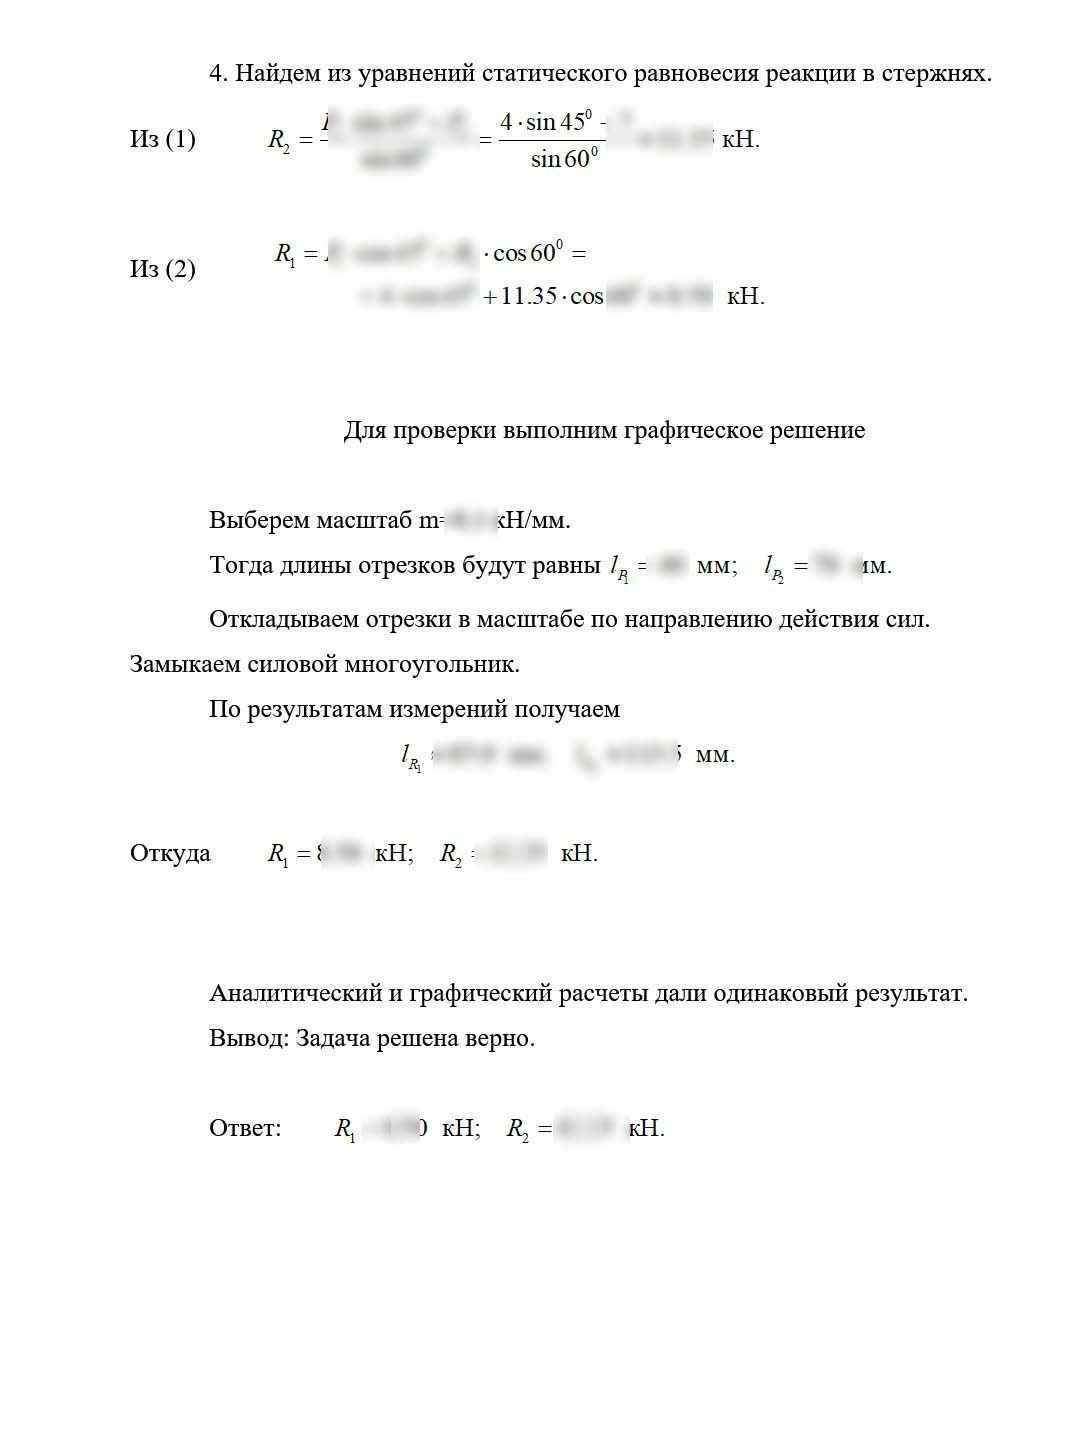 Решение задач в мурманске что такое м метод решение задач оптимизации